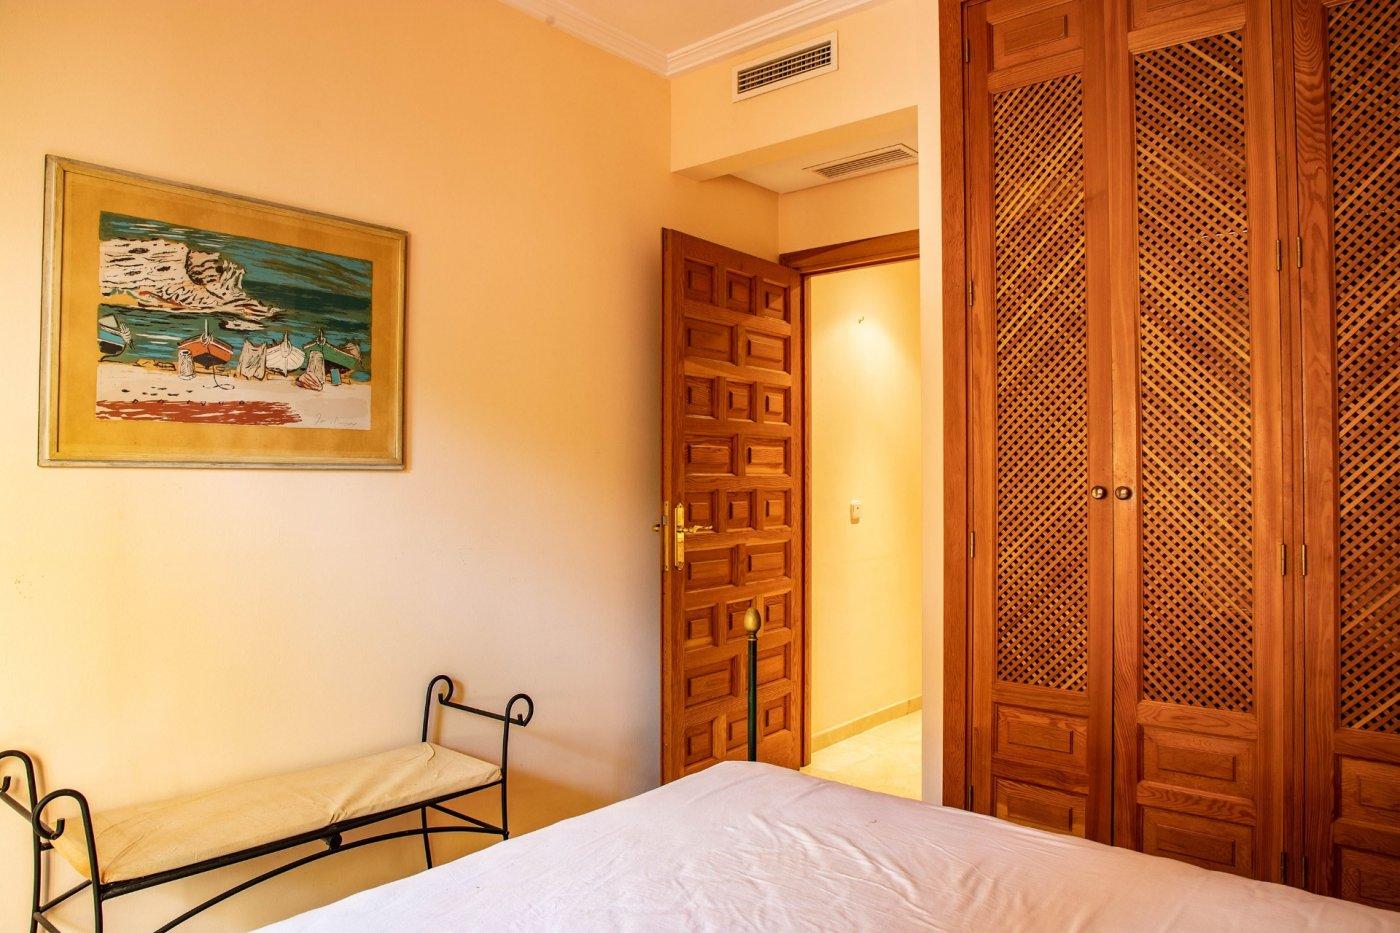 Precioso apartamento en santa ponsa - imagenInmueble23